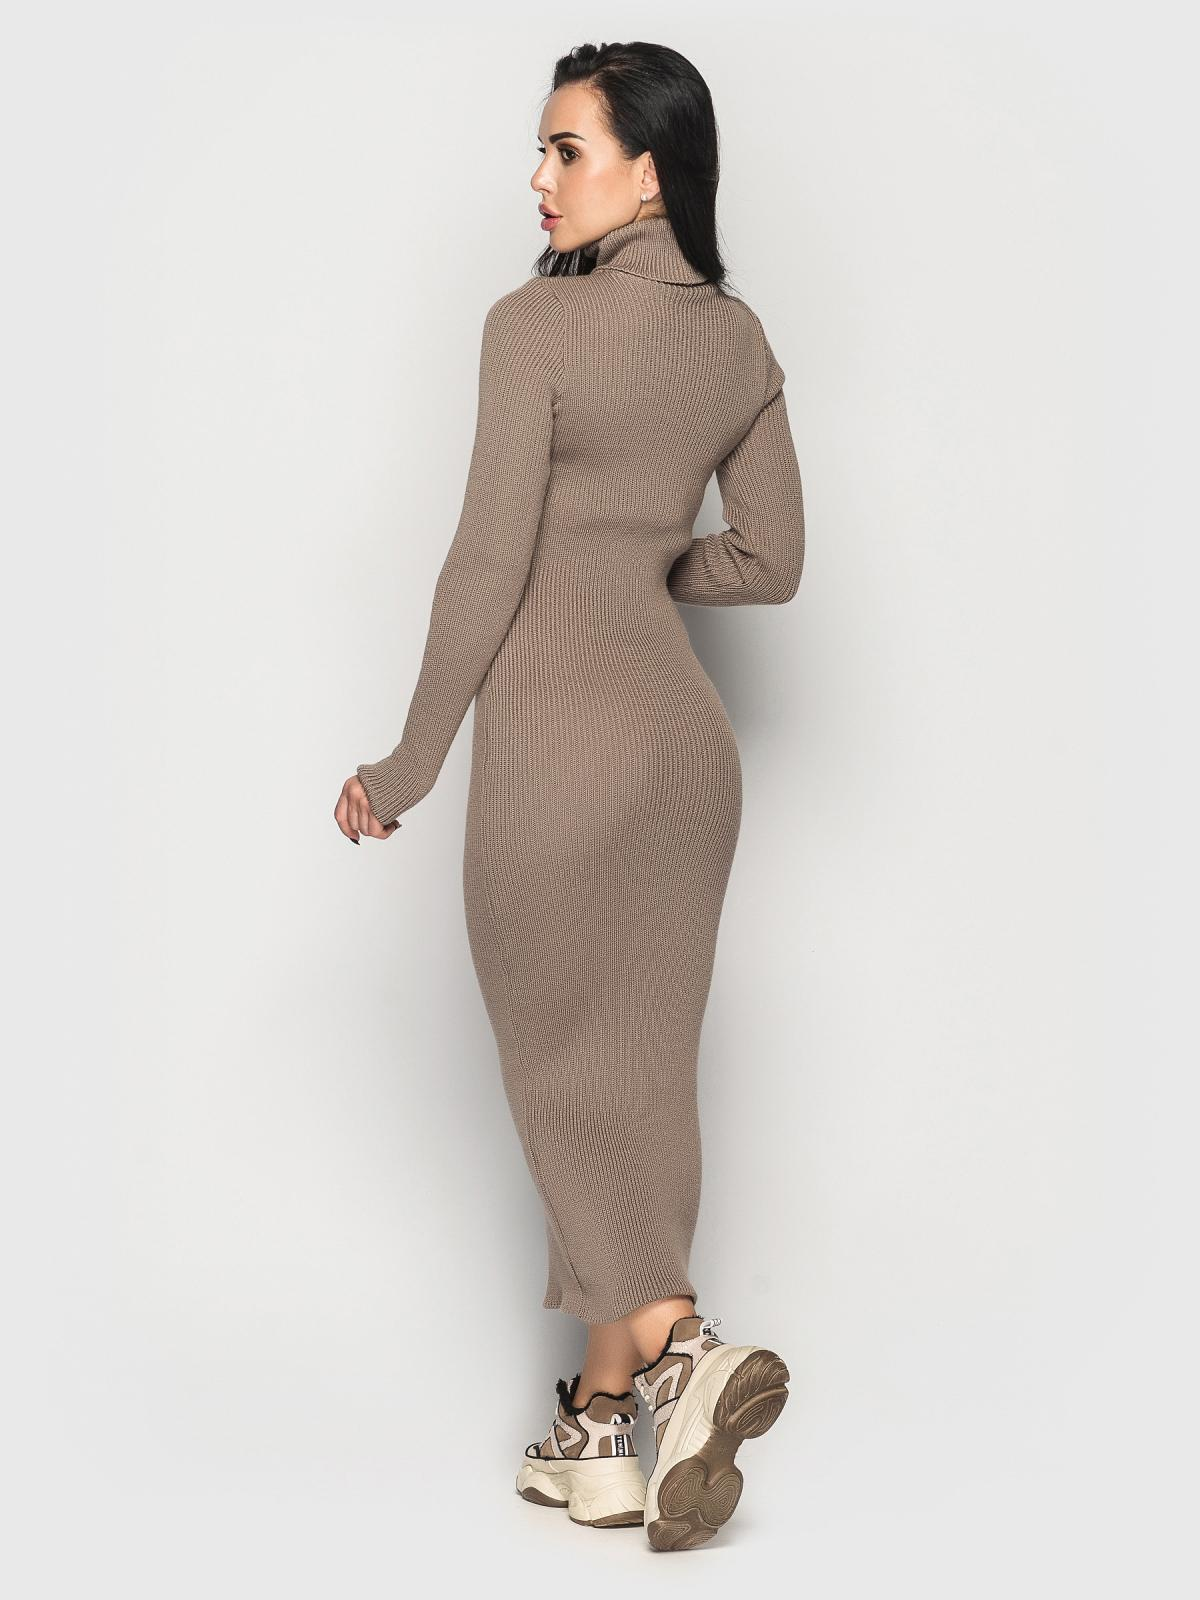 Платье вязаное Simona кофейный